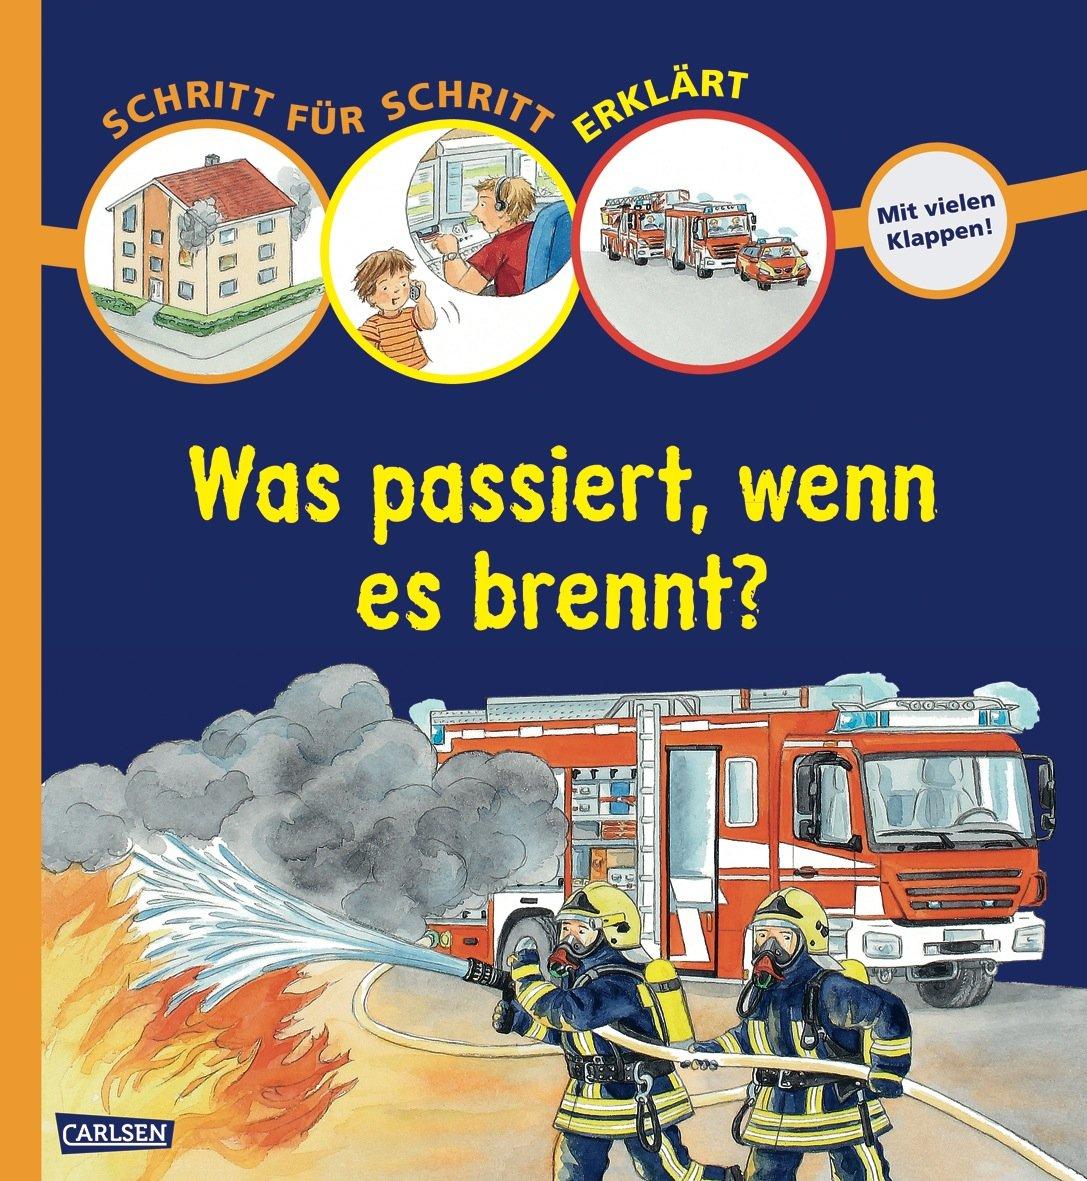 Schritt für Schritt erklärt: Was passiert, wenn es brennt?